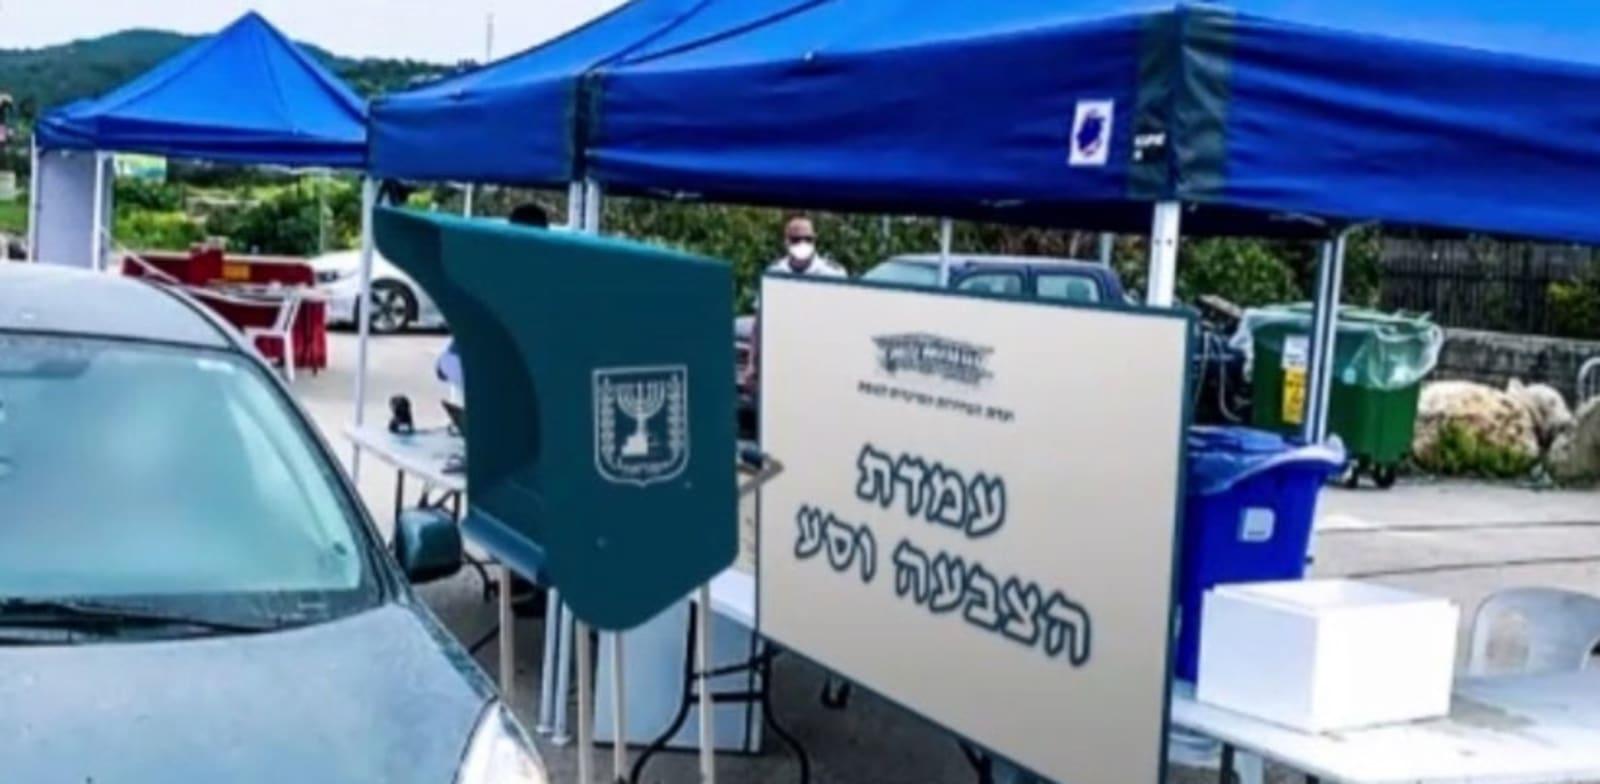 קלפיות הצבע וסע לנדבקי הקורונה / צילום: ועדת הבחירות המרכזית